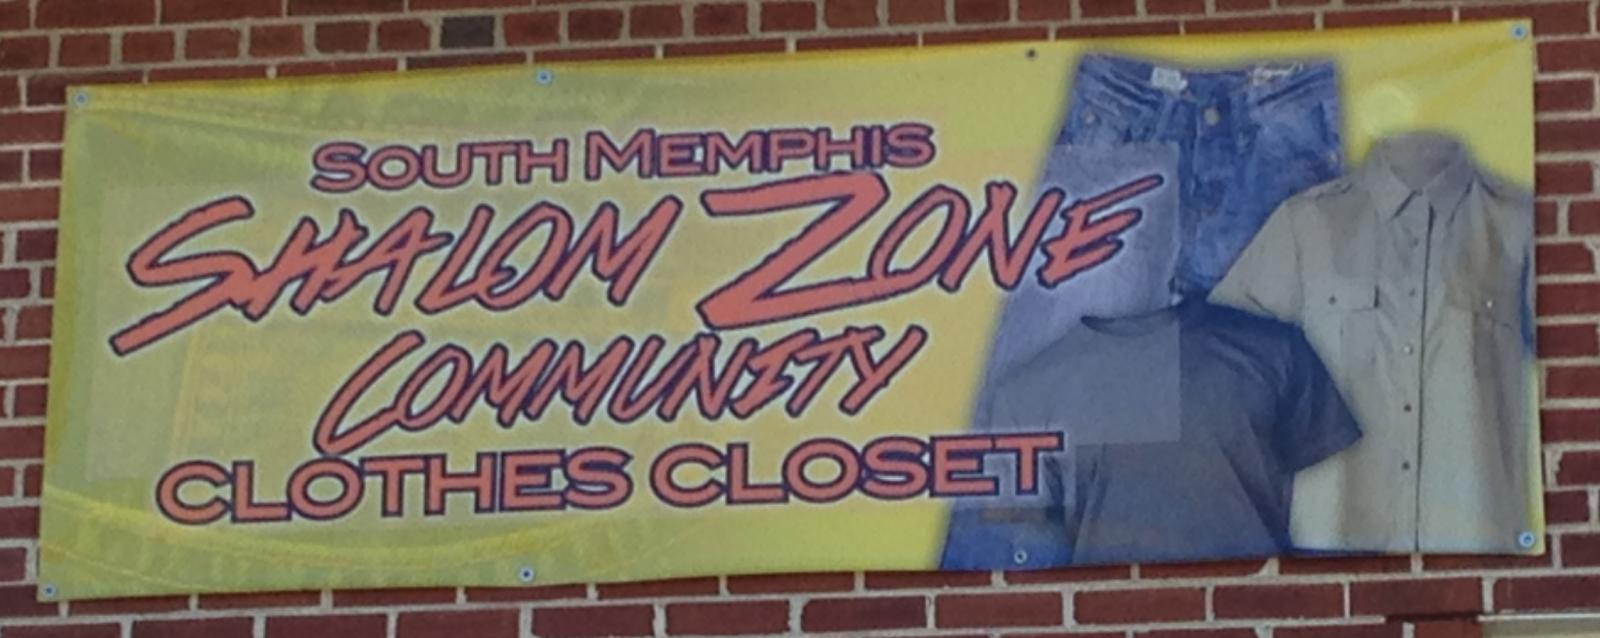 South Memphis Shalom Zone Clothes Closet Banner